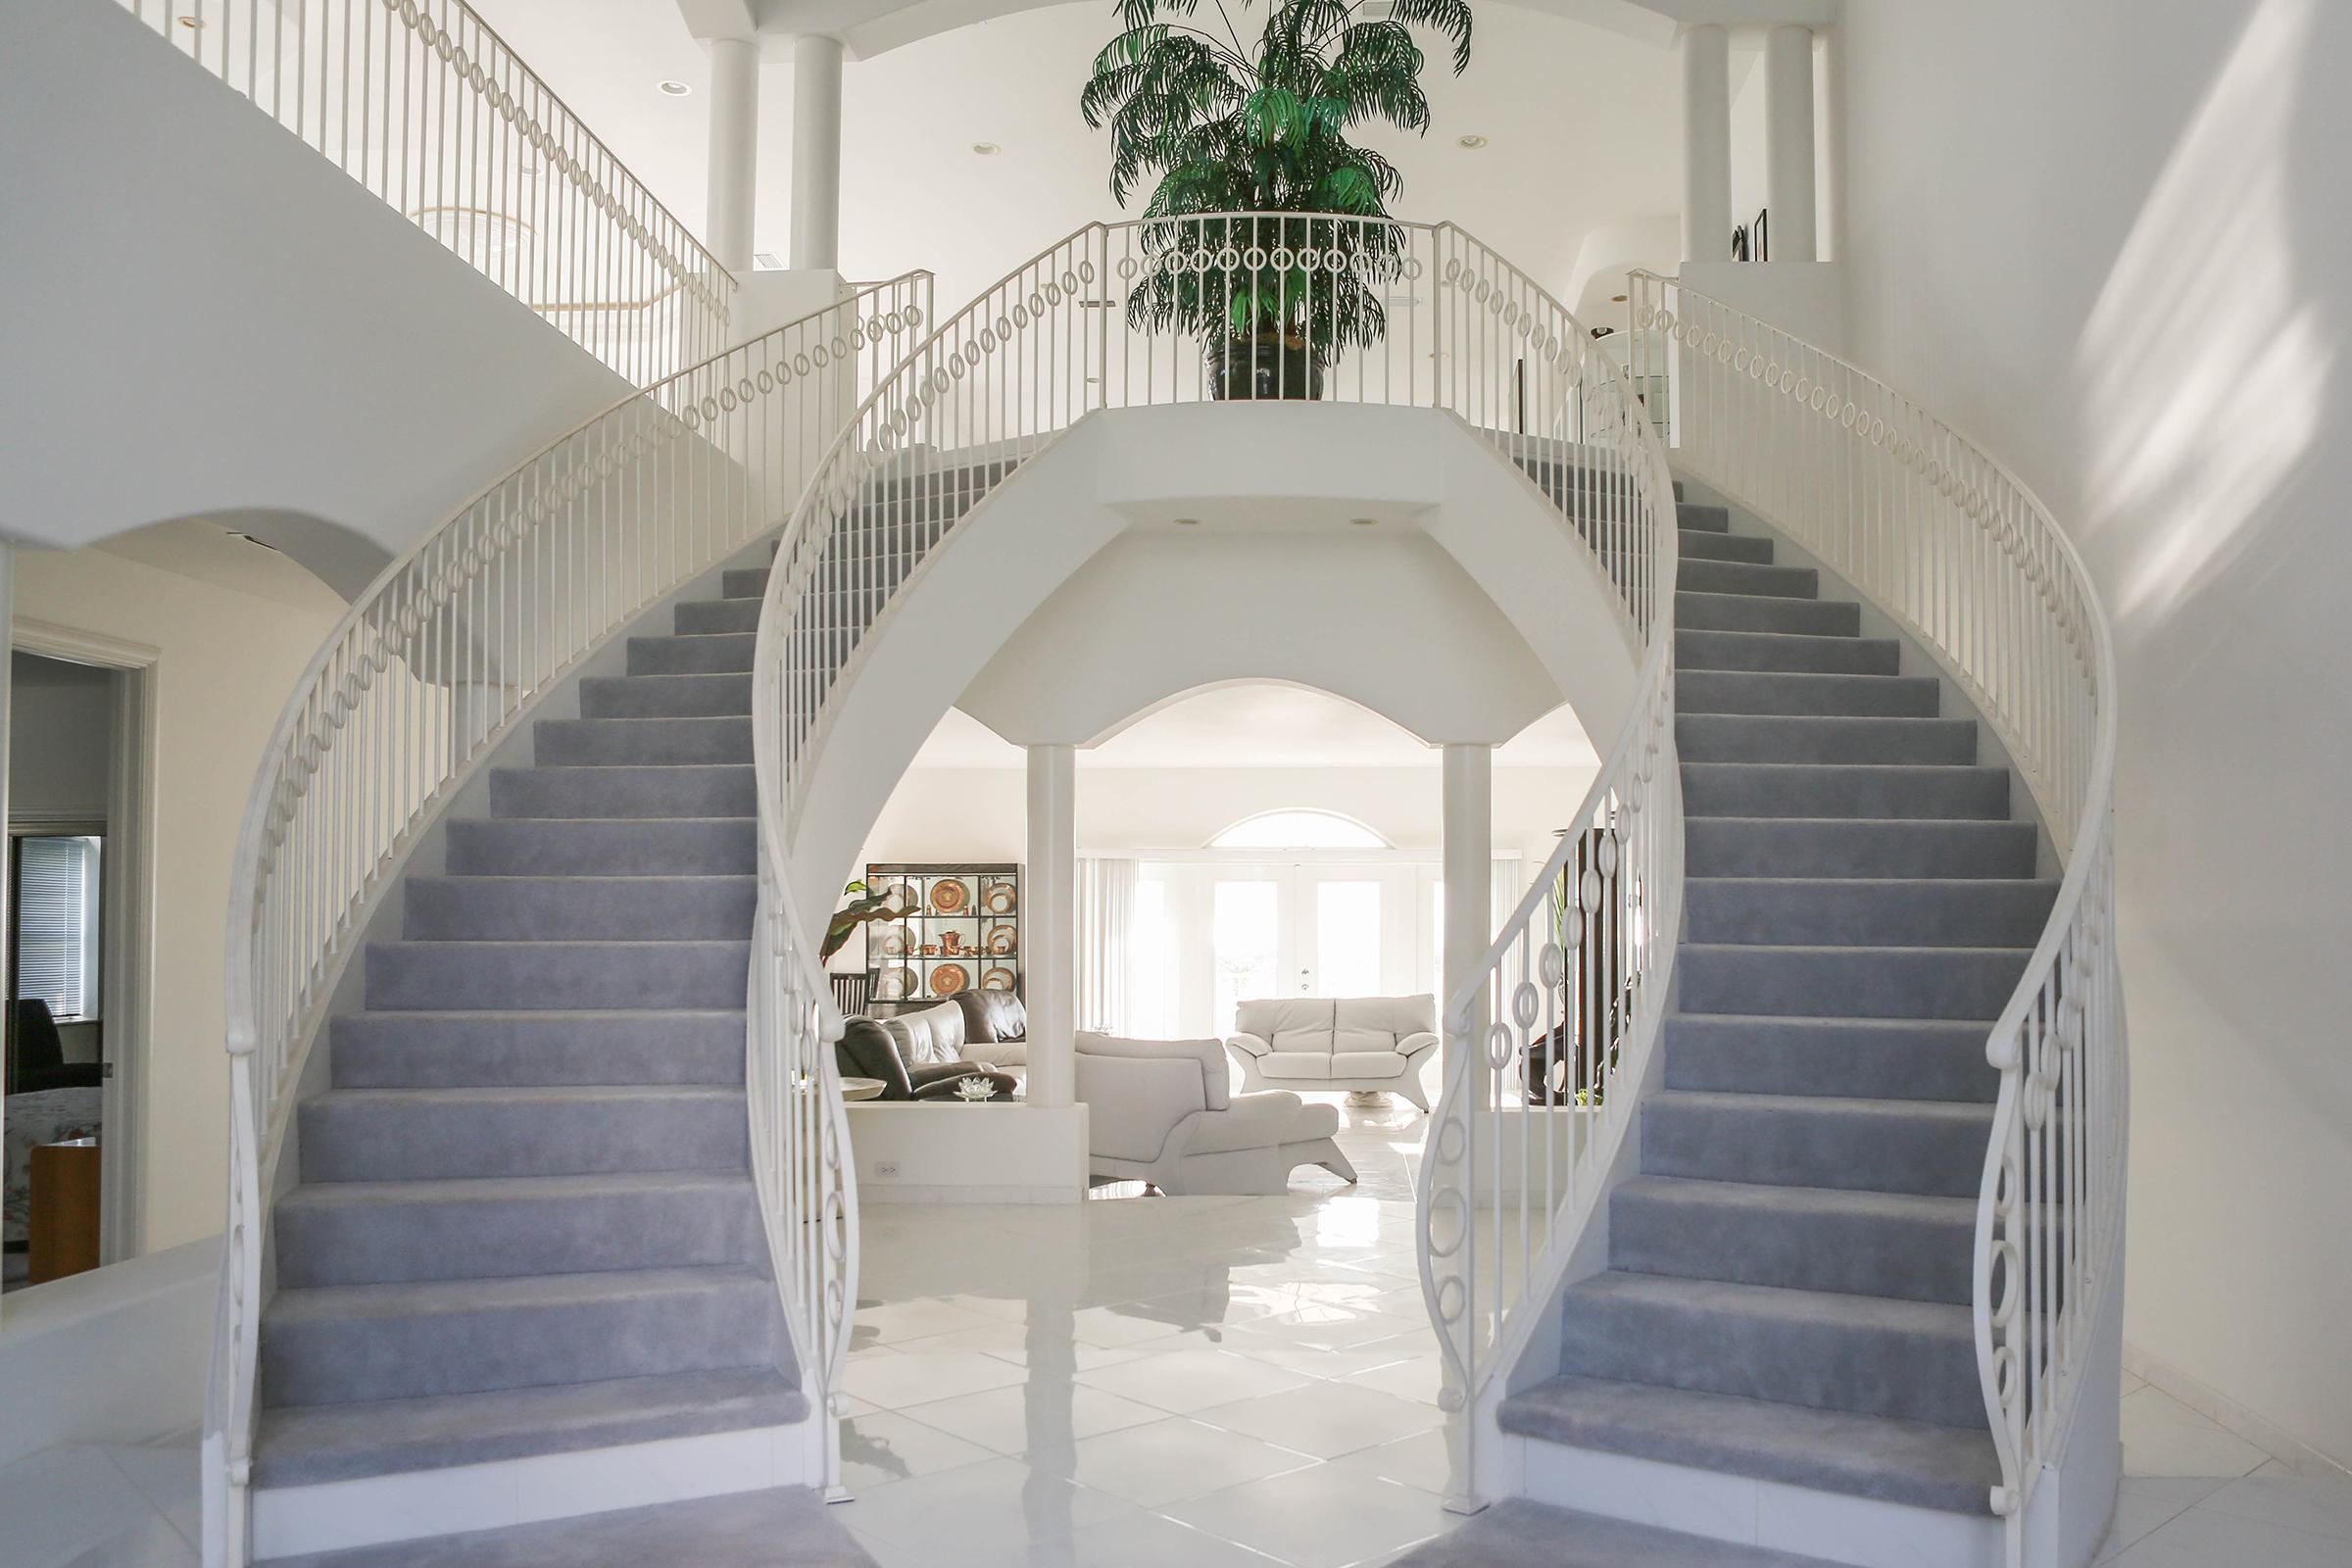 Grande stairway